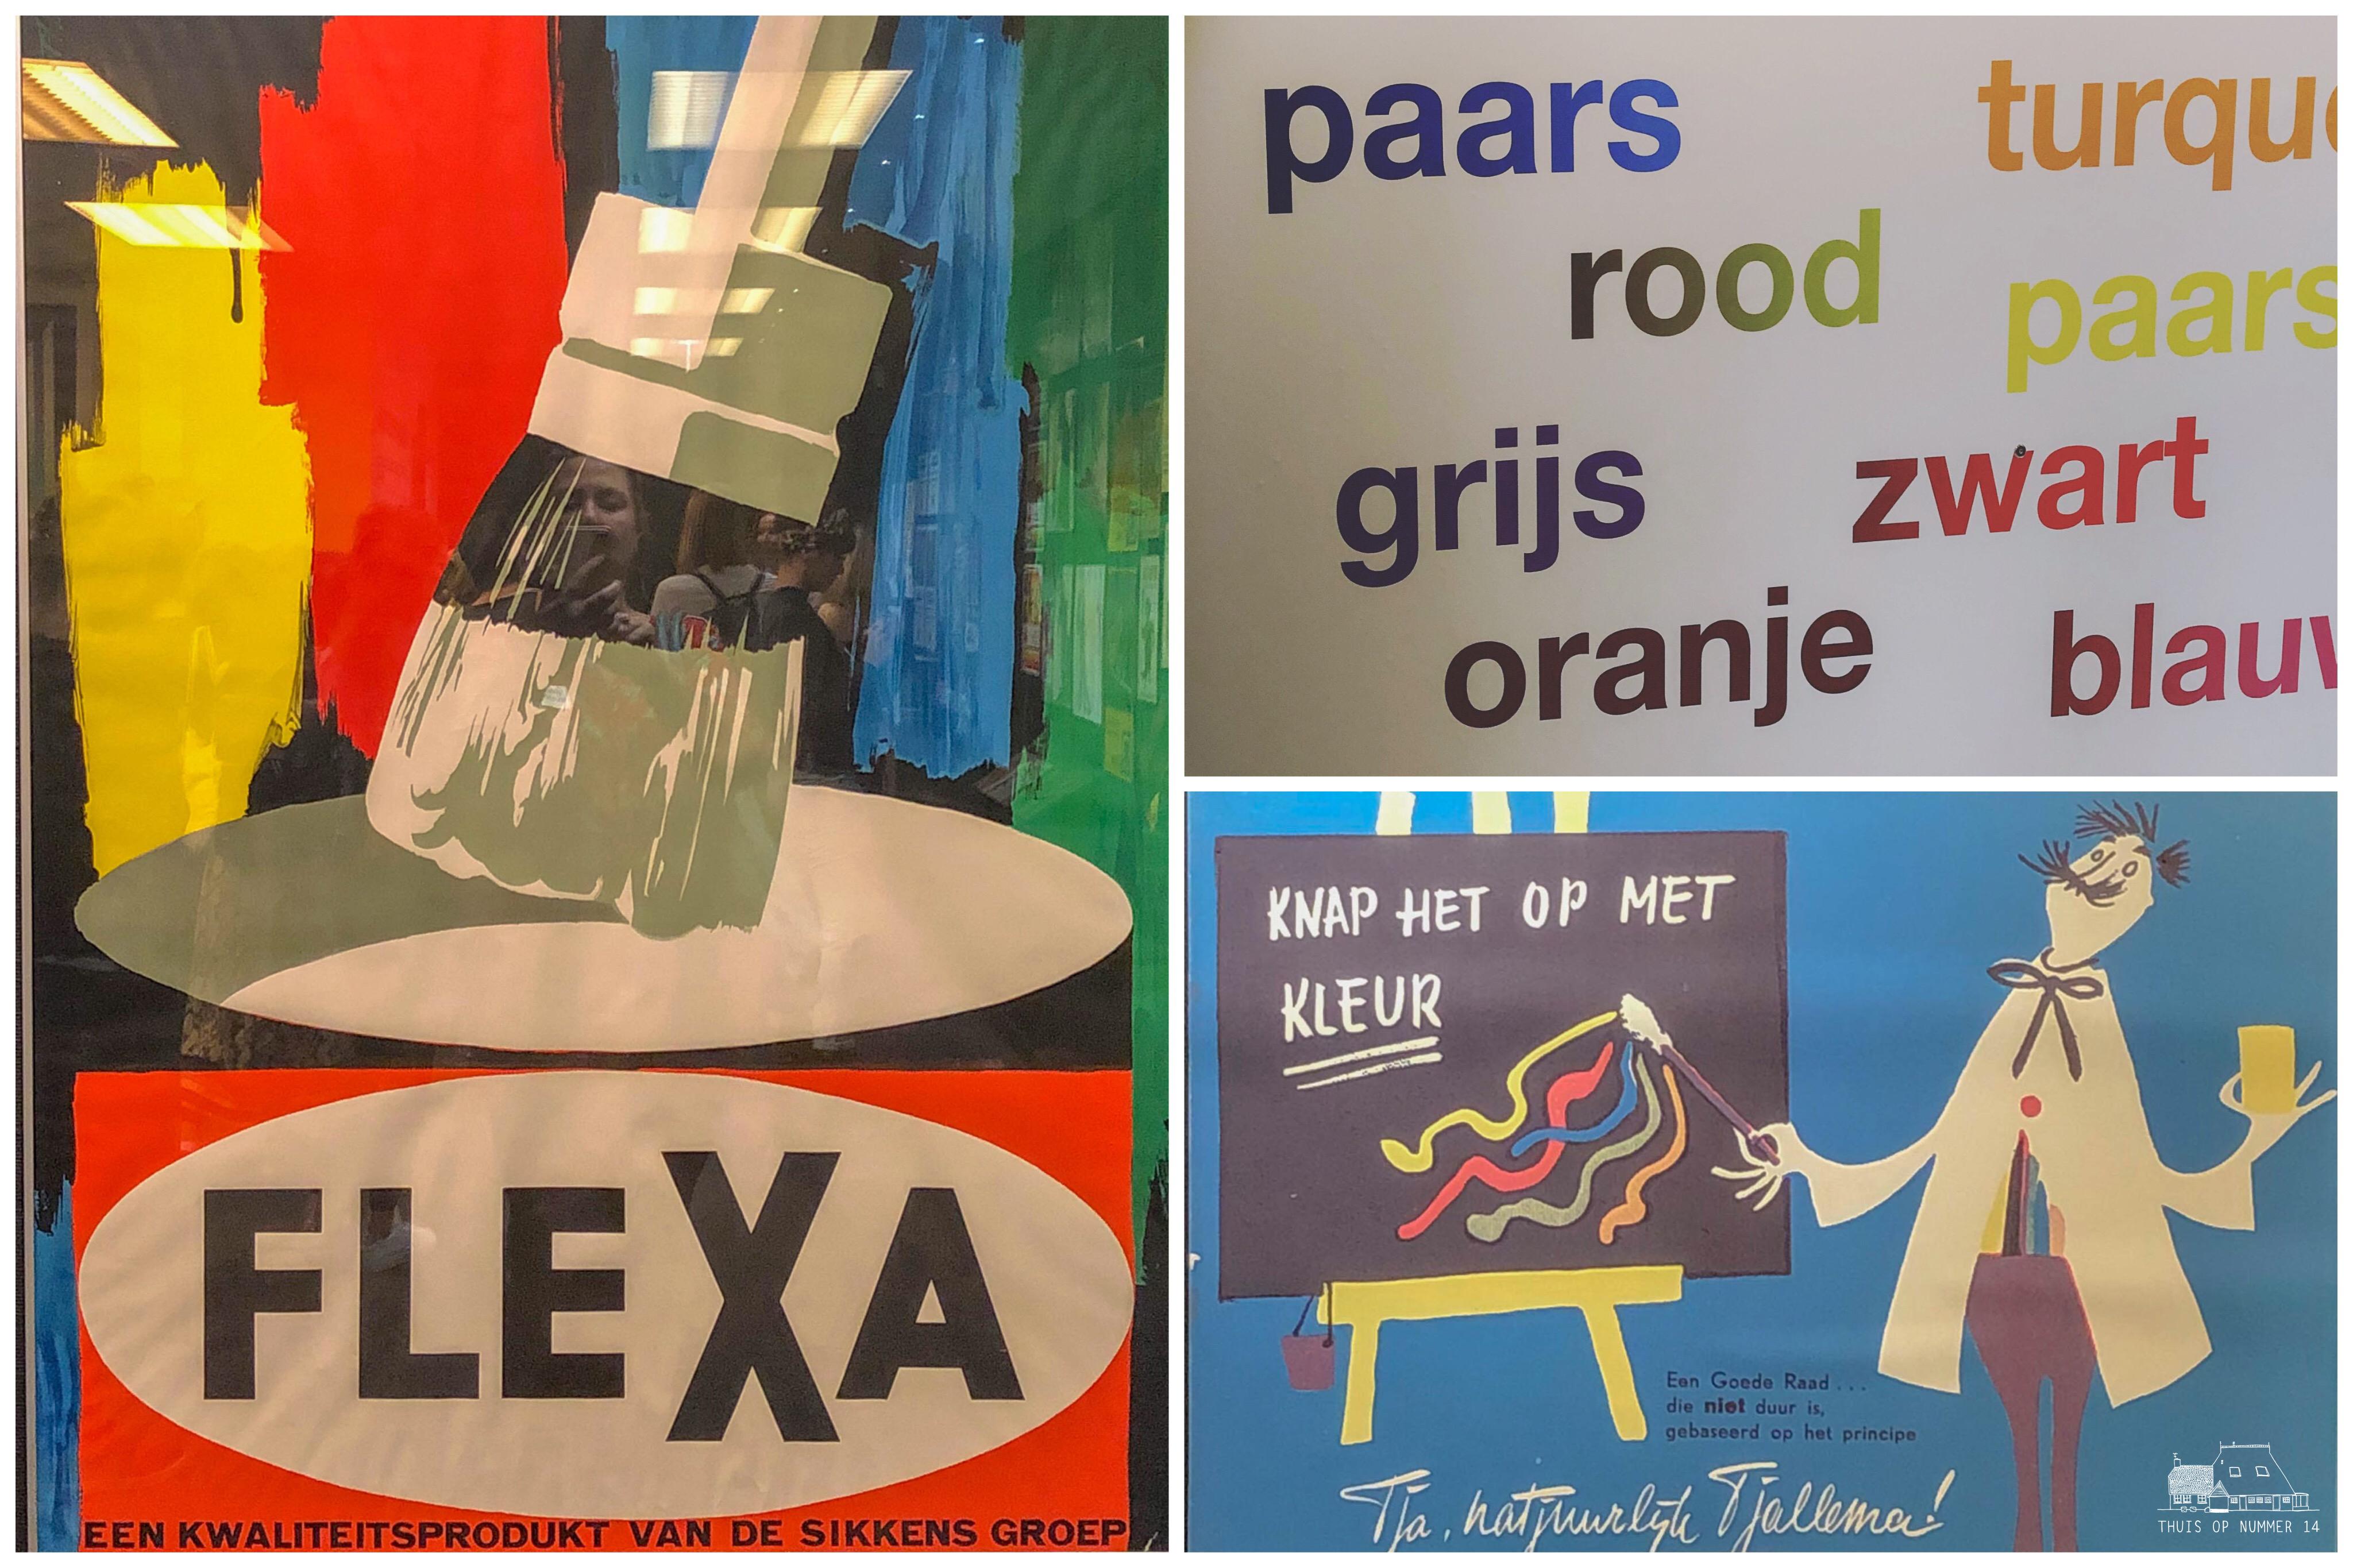 thuis op nummer 14 - bloggersdag van Flexa